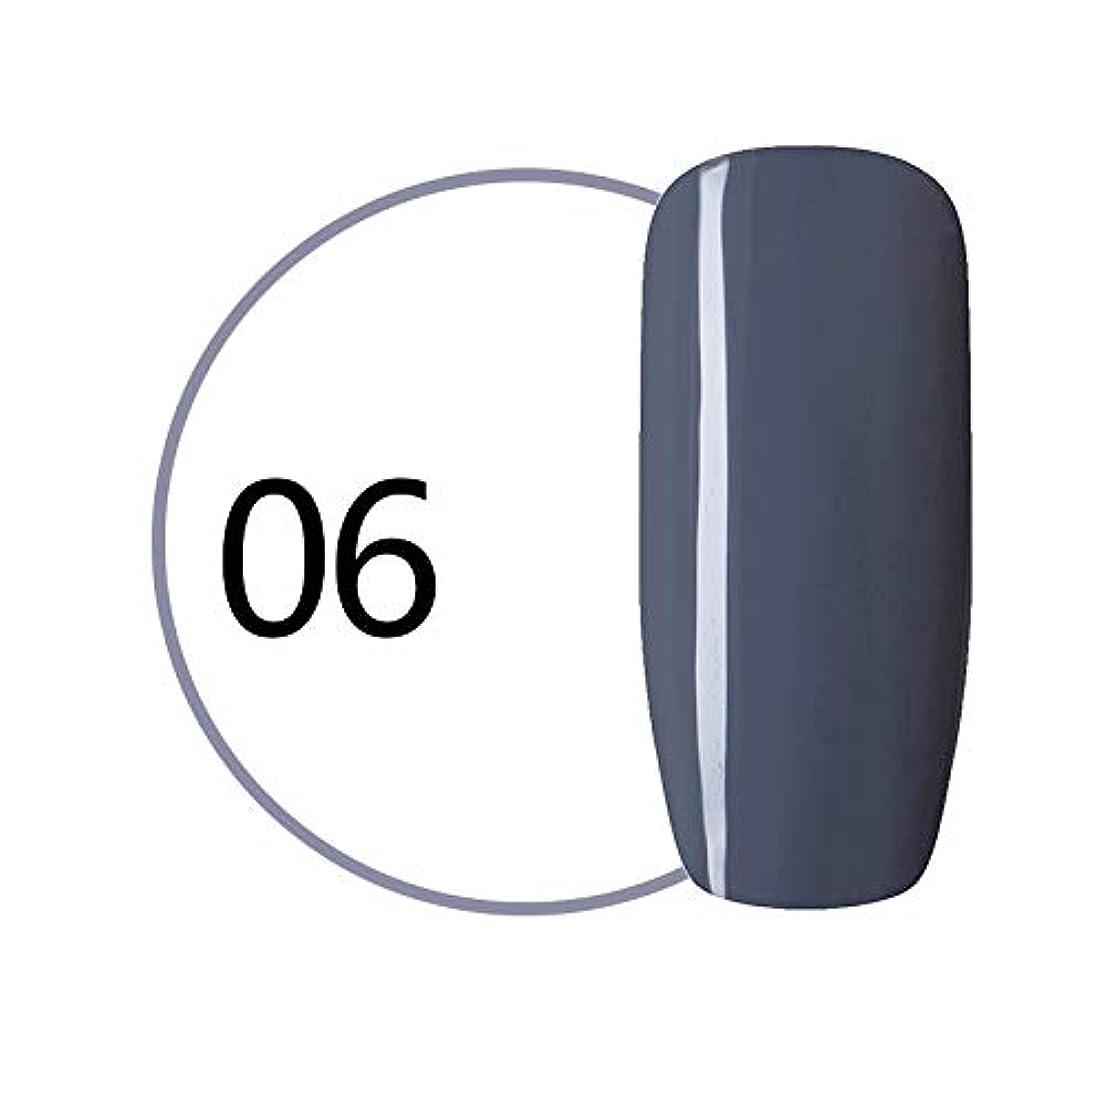 コアソーセージサイレンSymboat マニキュア ソークオフ UV LED ネイルジェルポリッシュ ワイングレーシリーズ ネイル用品 女優 人気 初心者にも対応 安全 無毒